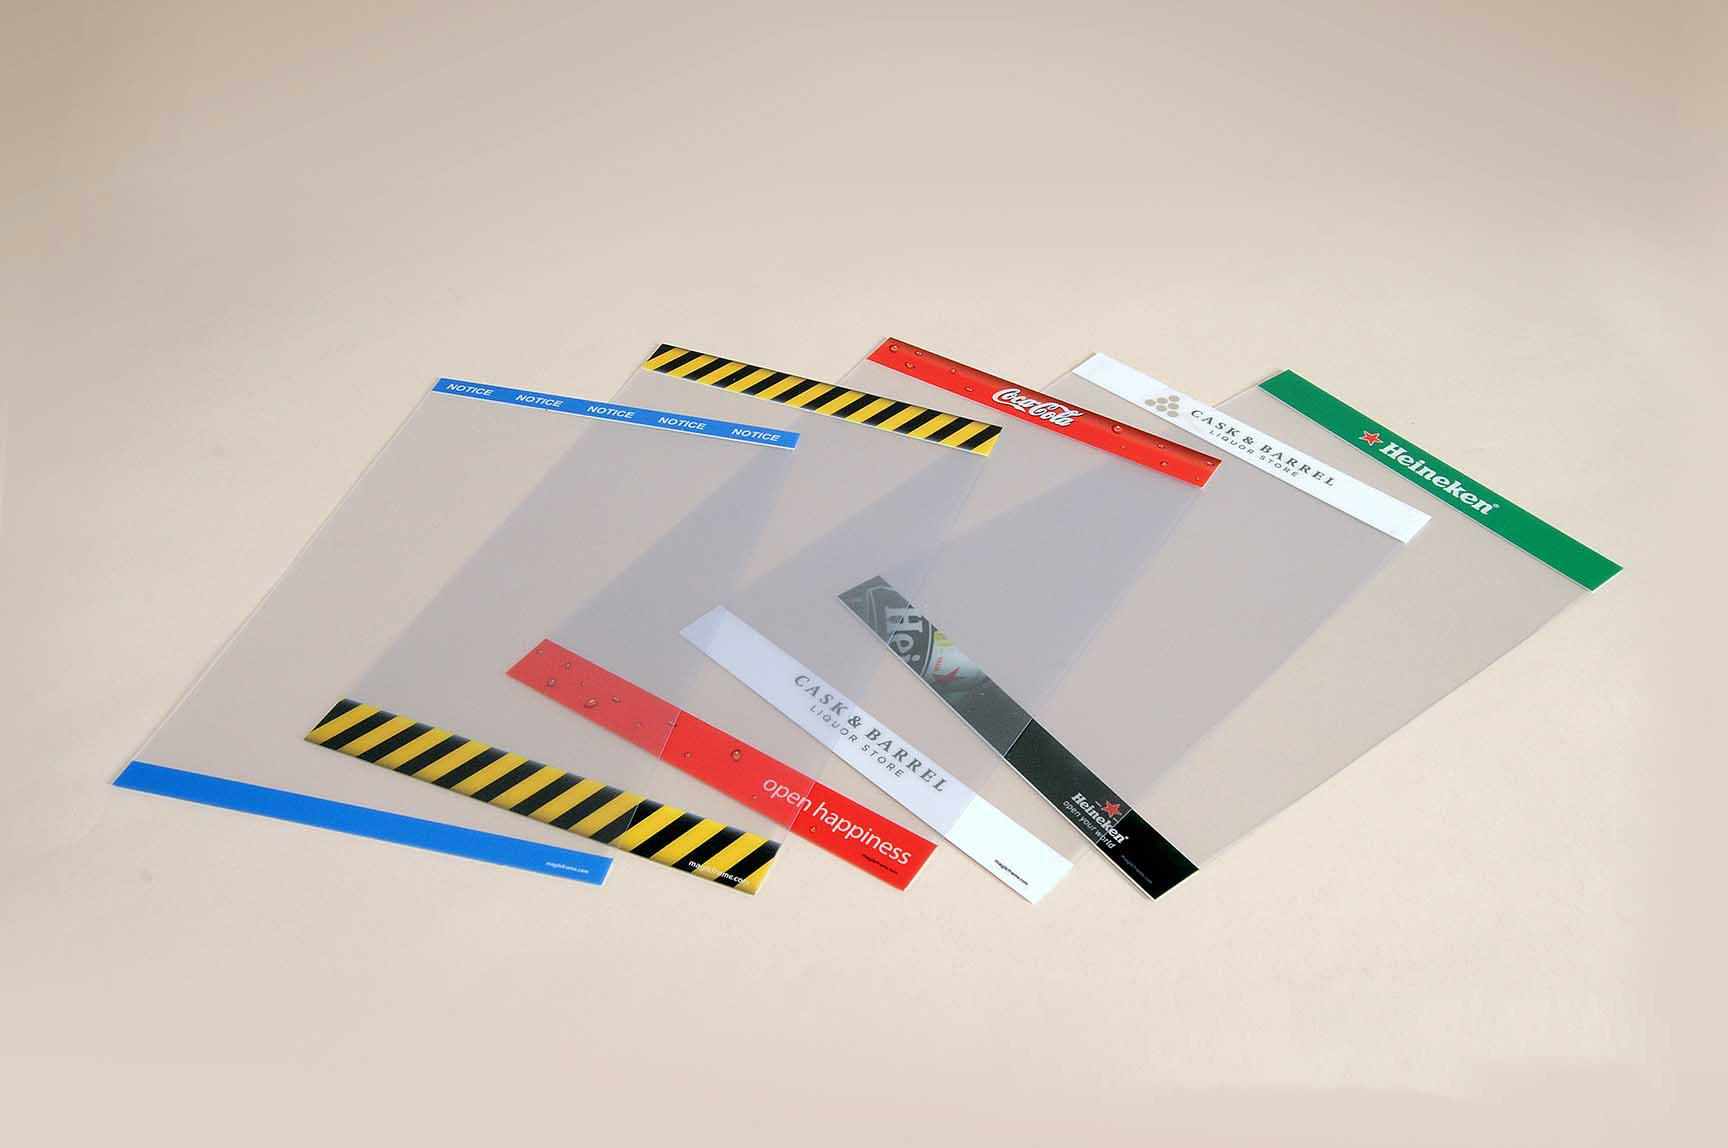 magik-frame-custom-frames.jpg